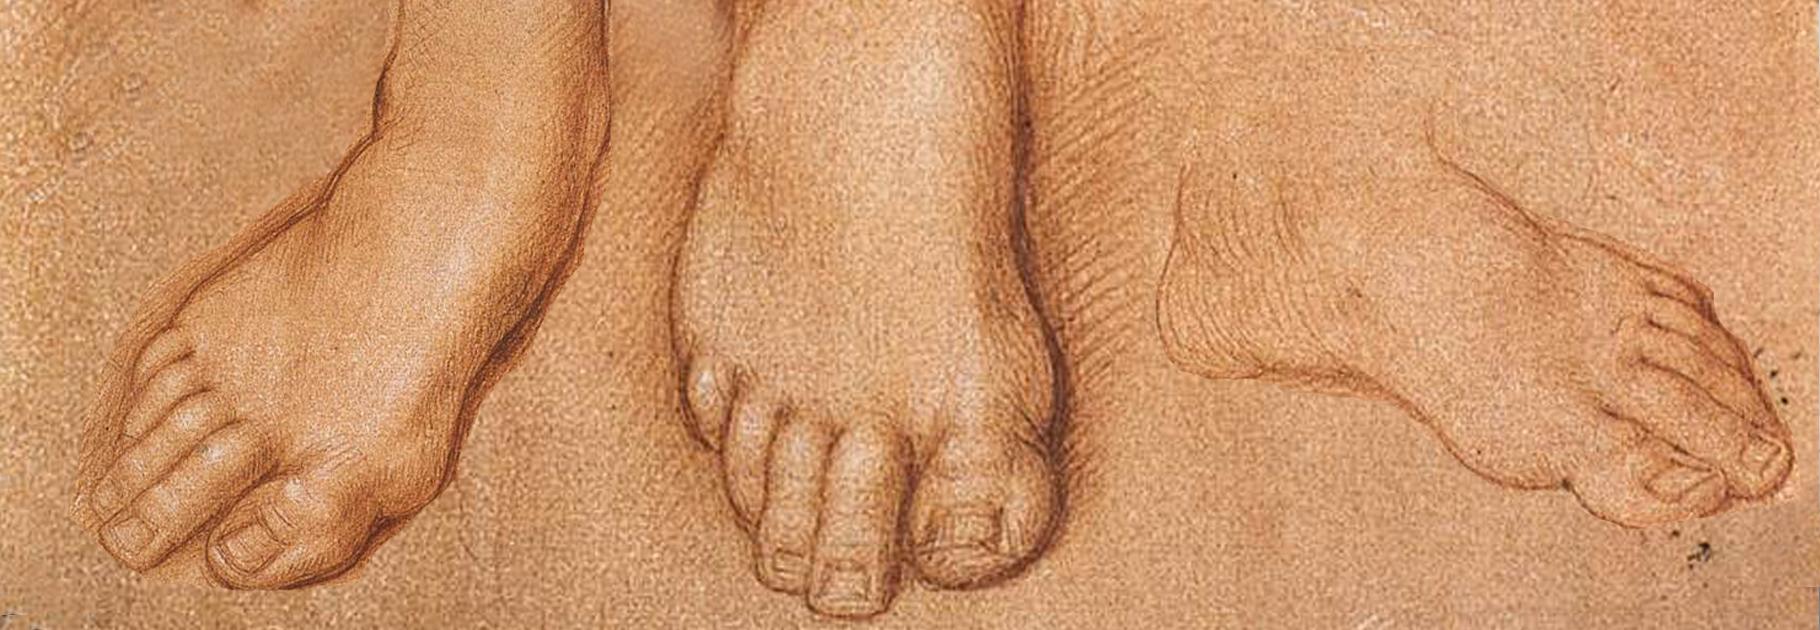 Feet_1820x630